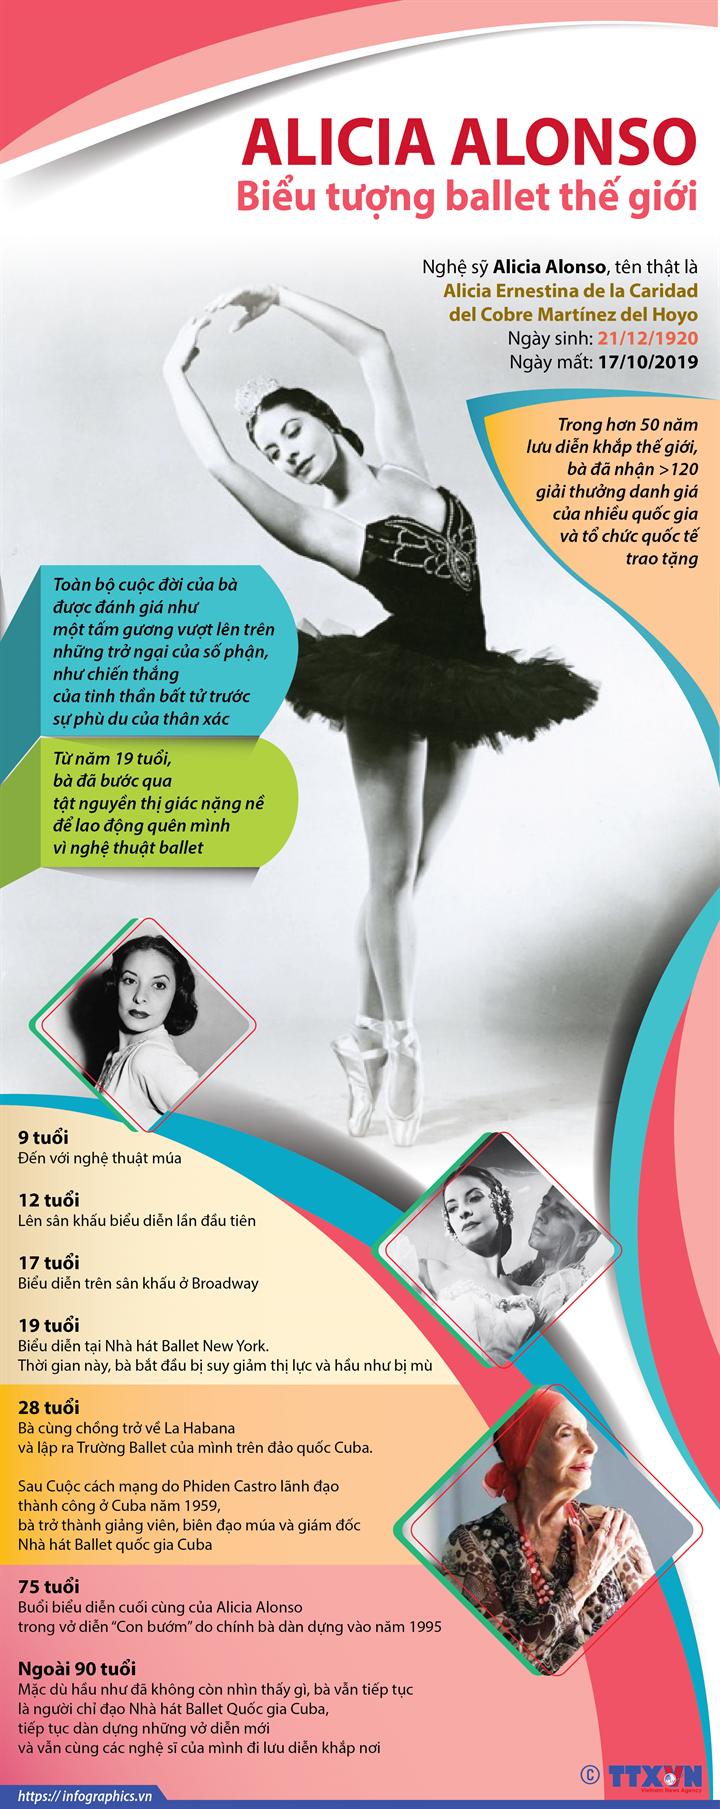 Alicia Alonso - Biểu tượng ballet thế giới